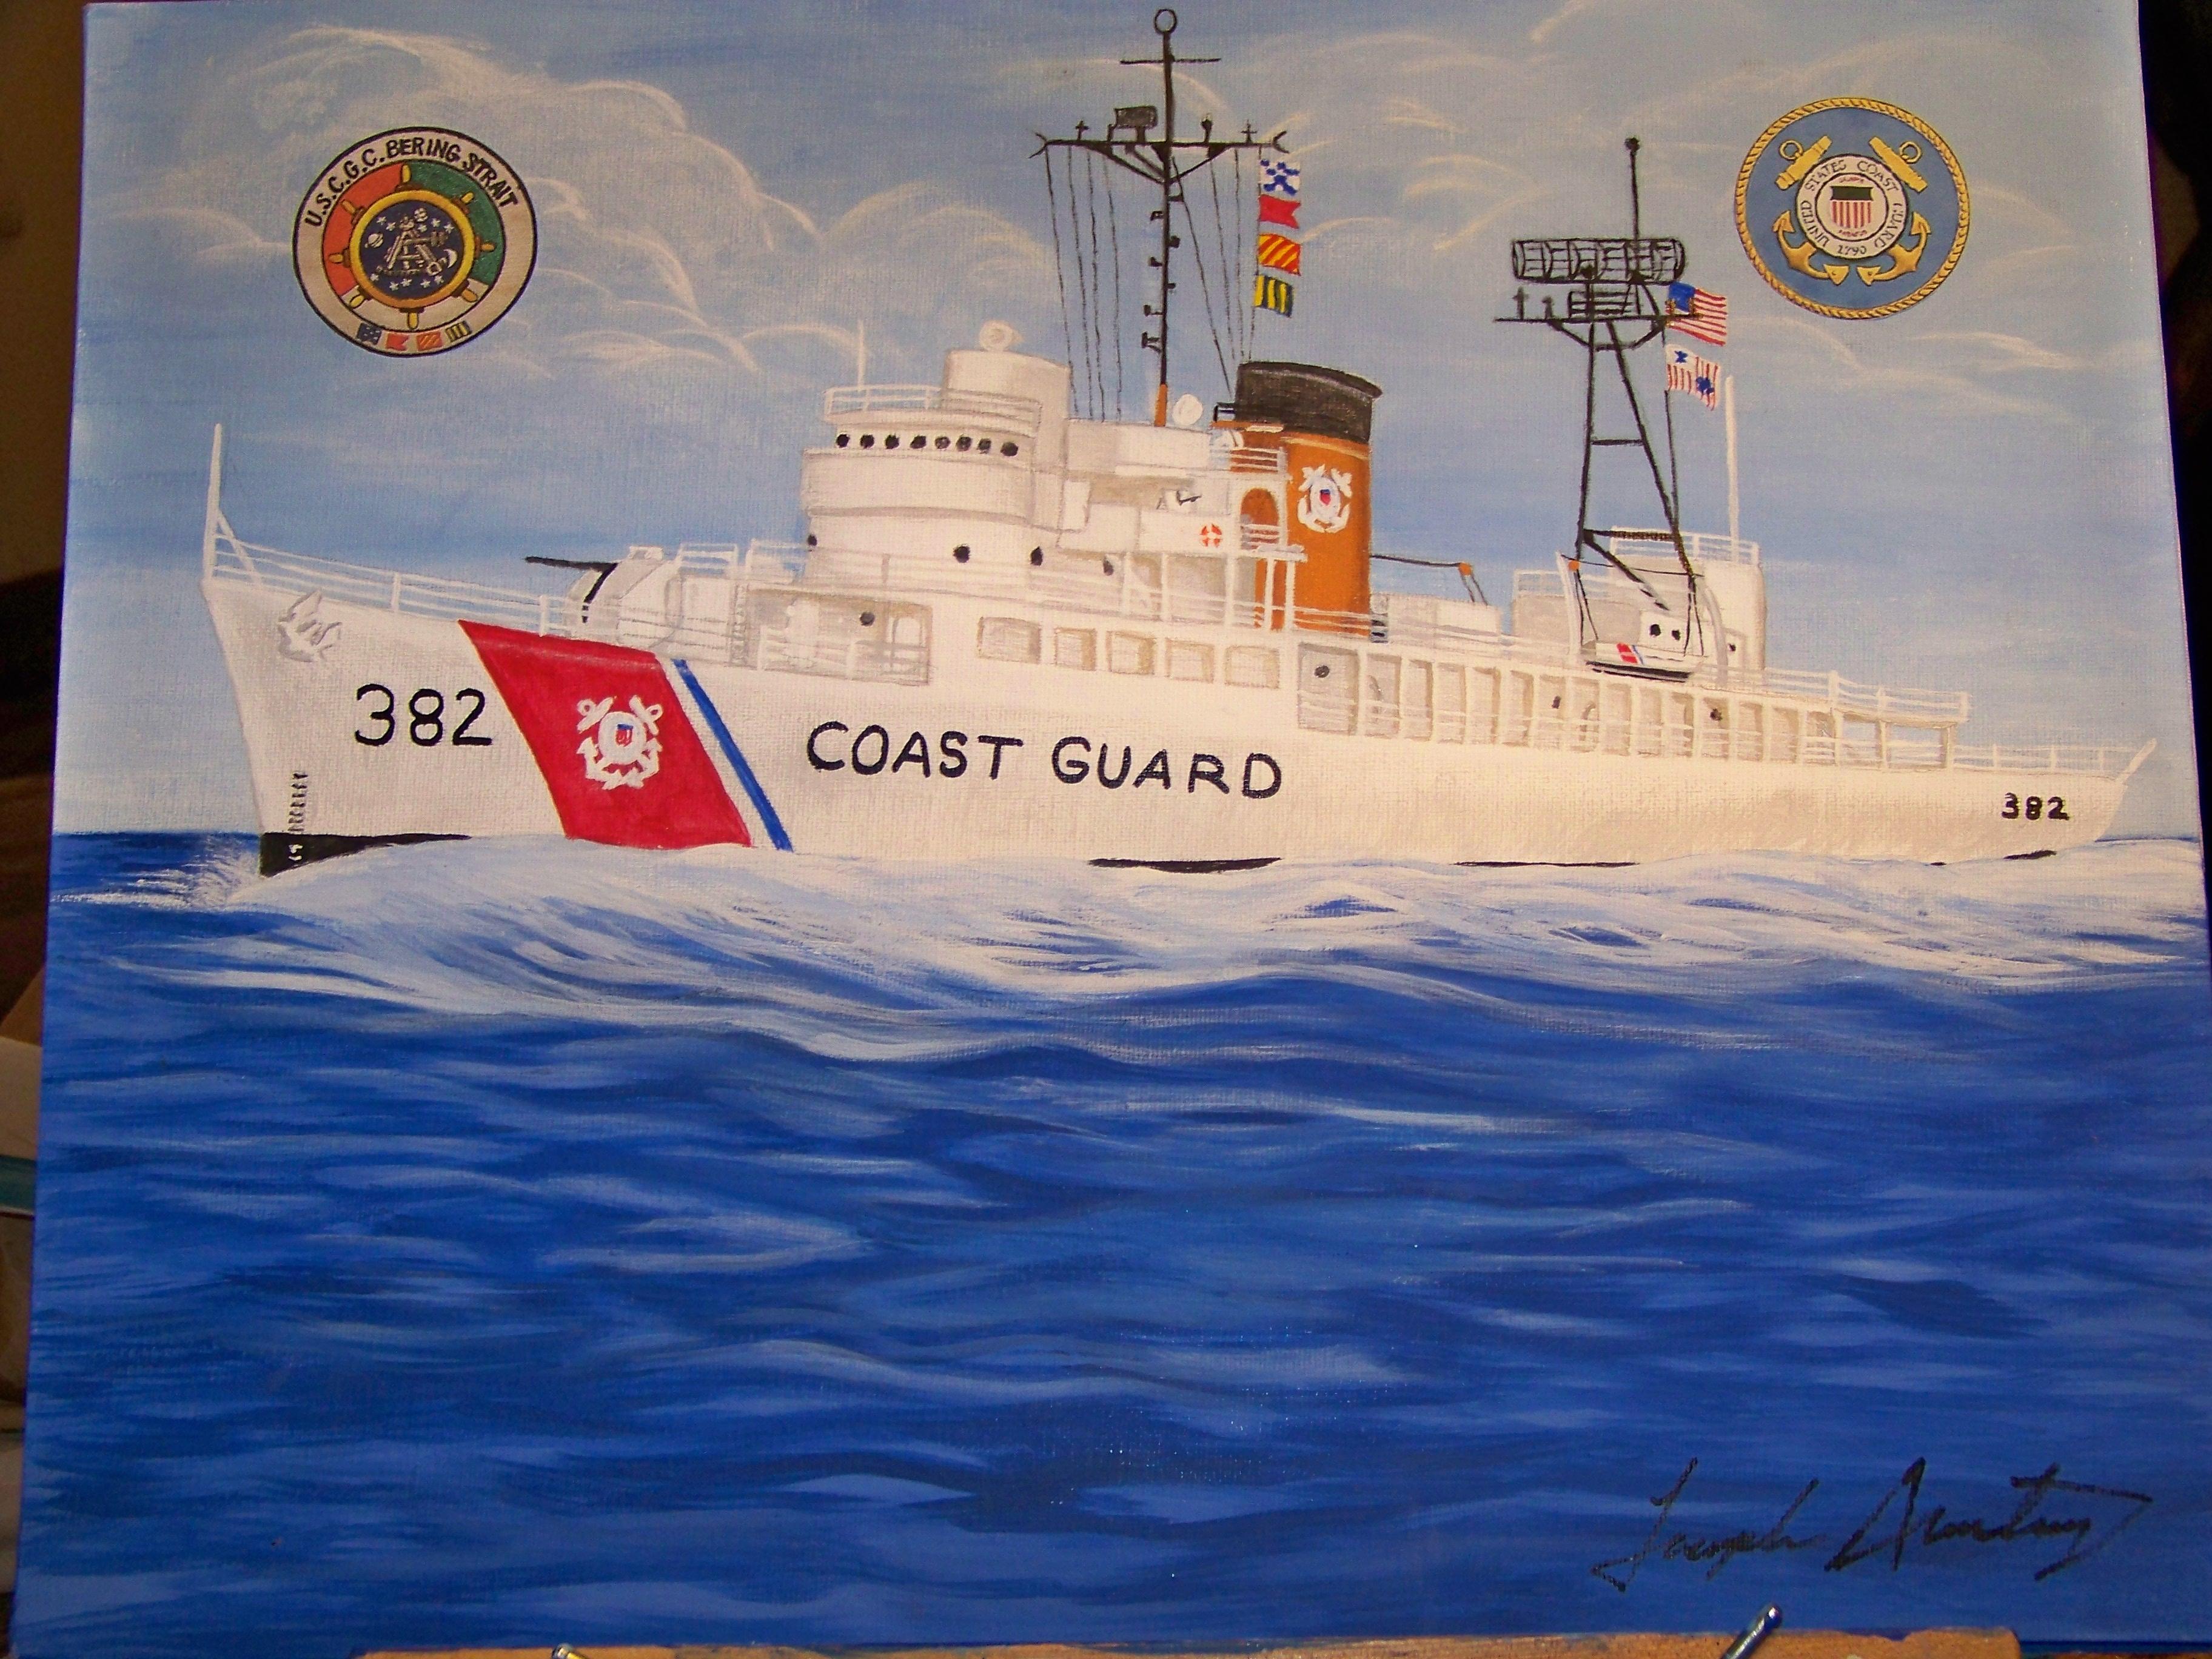 The US Coast Guard Cutter